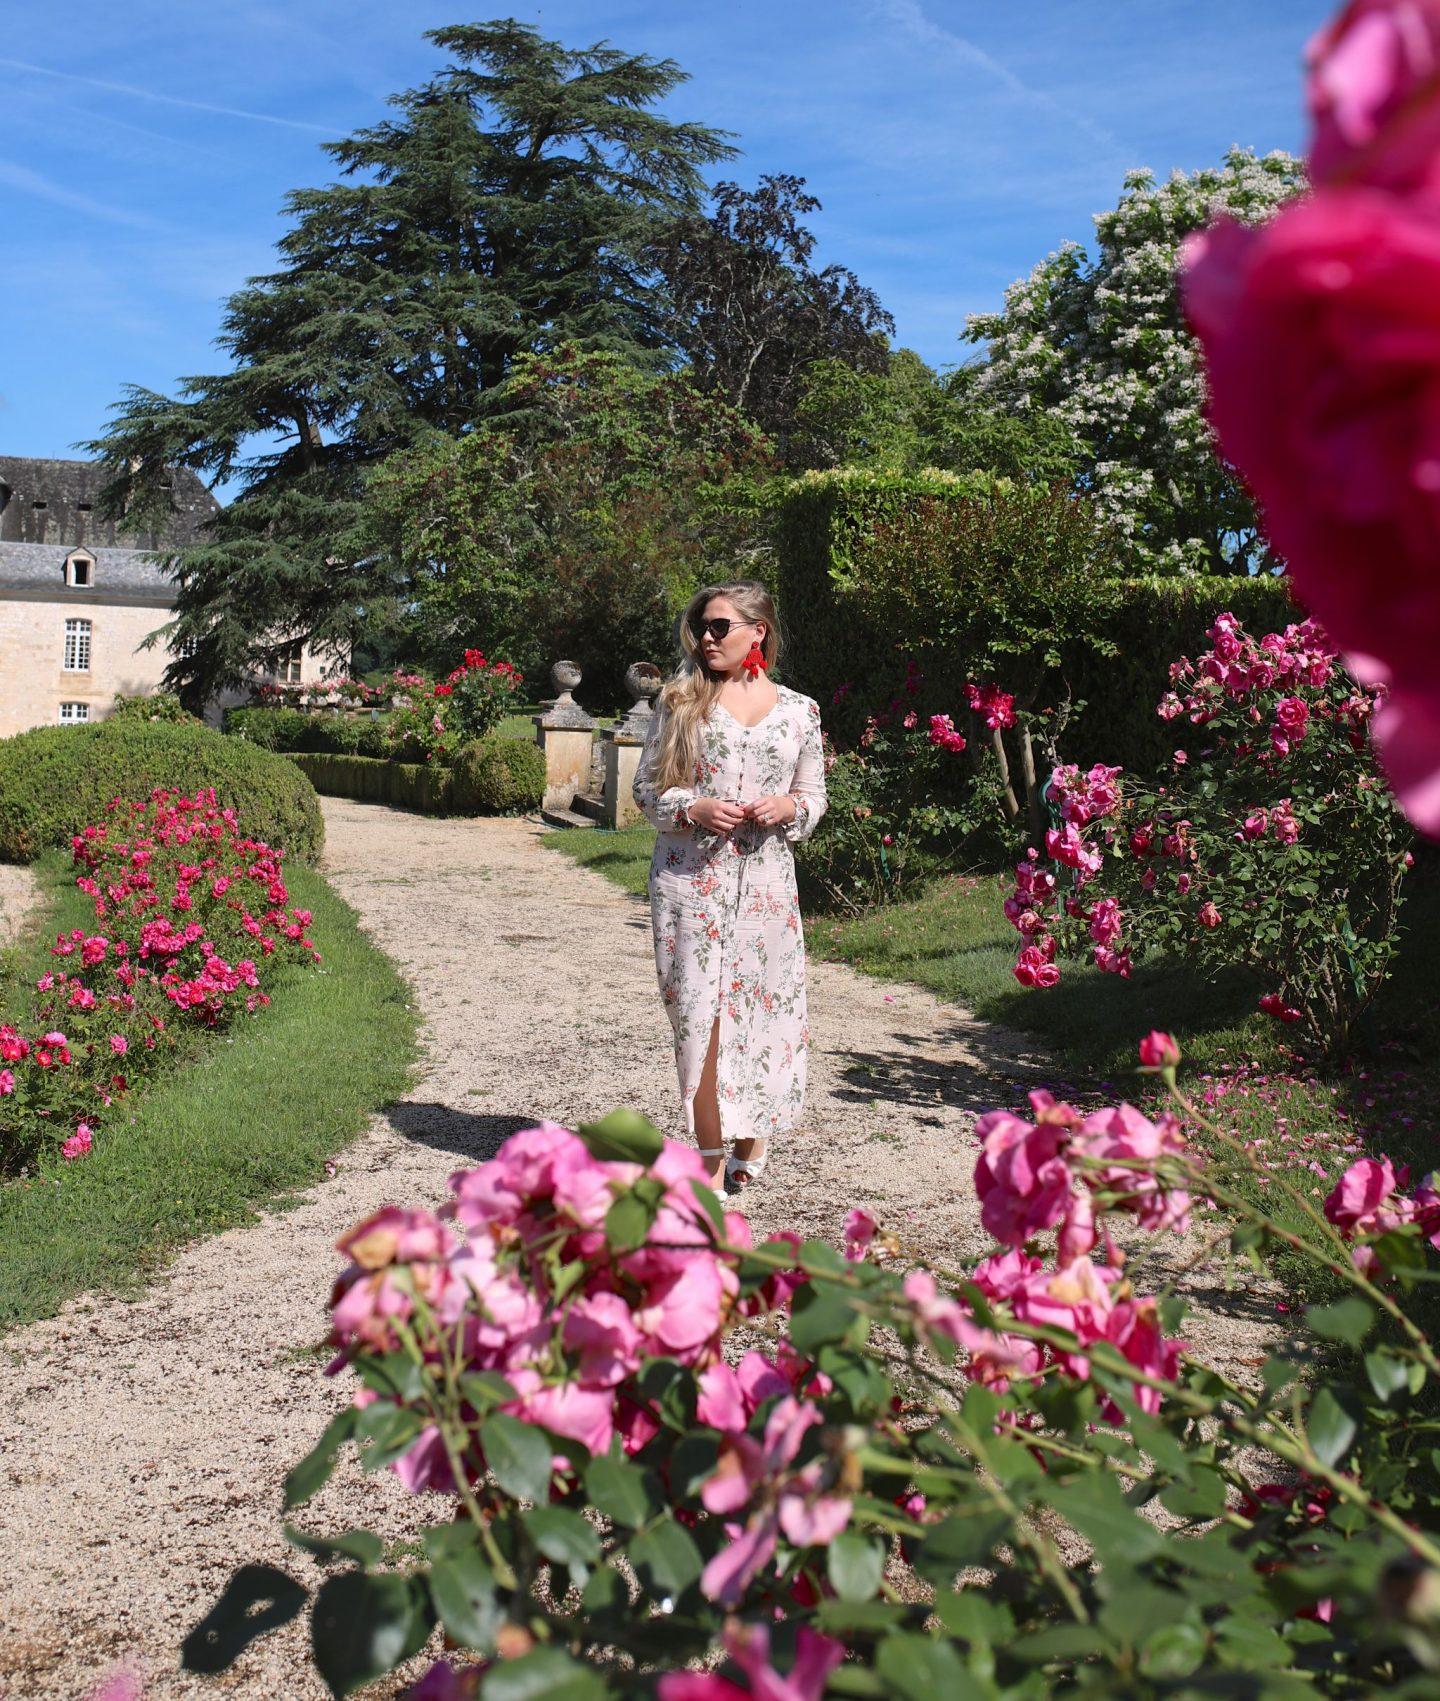 Chateau De La Treyne, Lacave, France